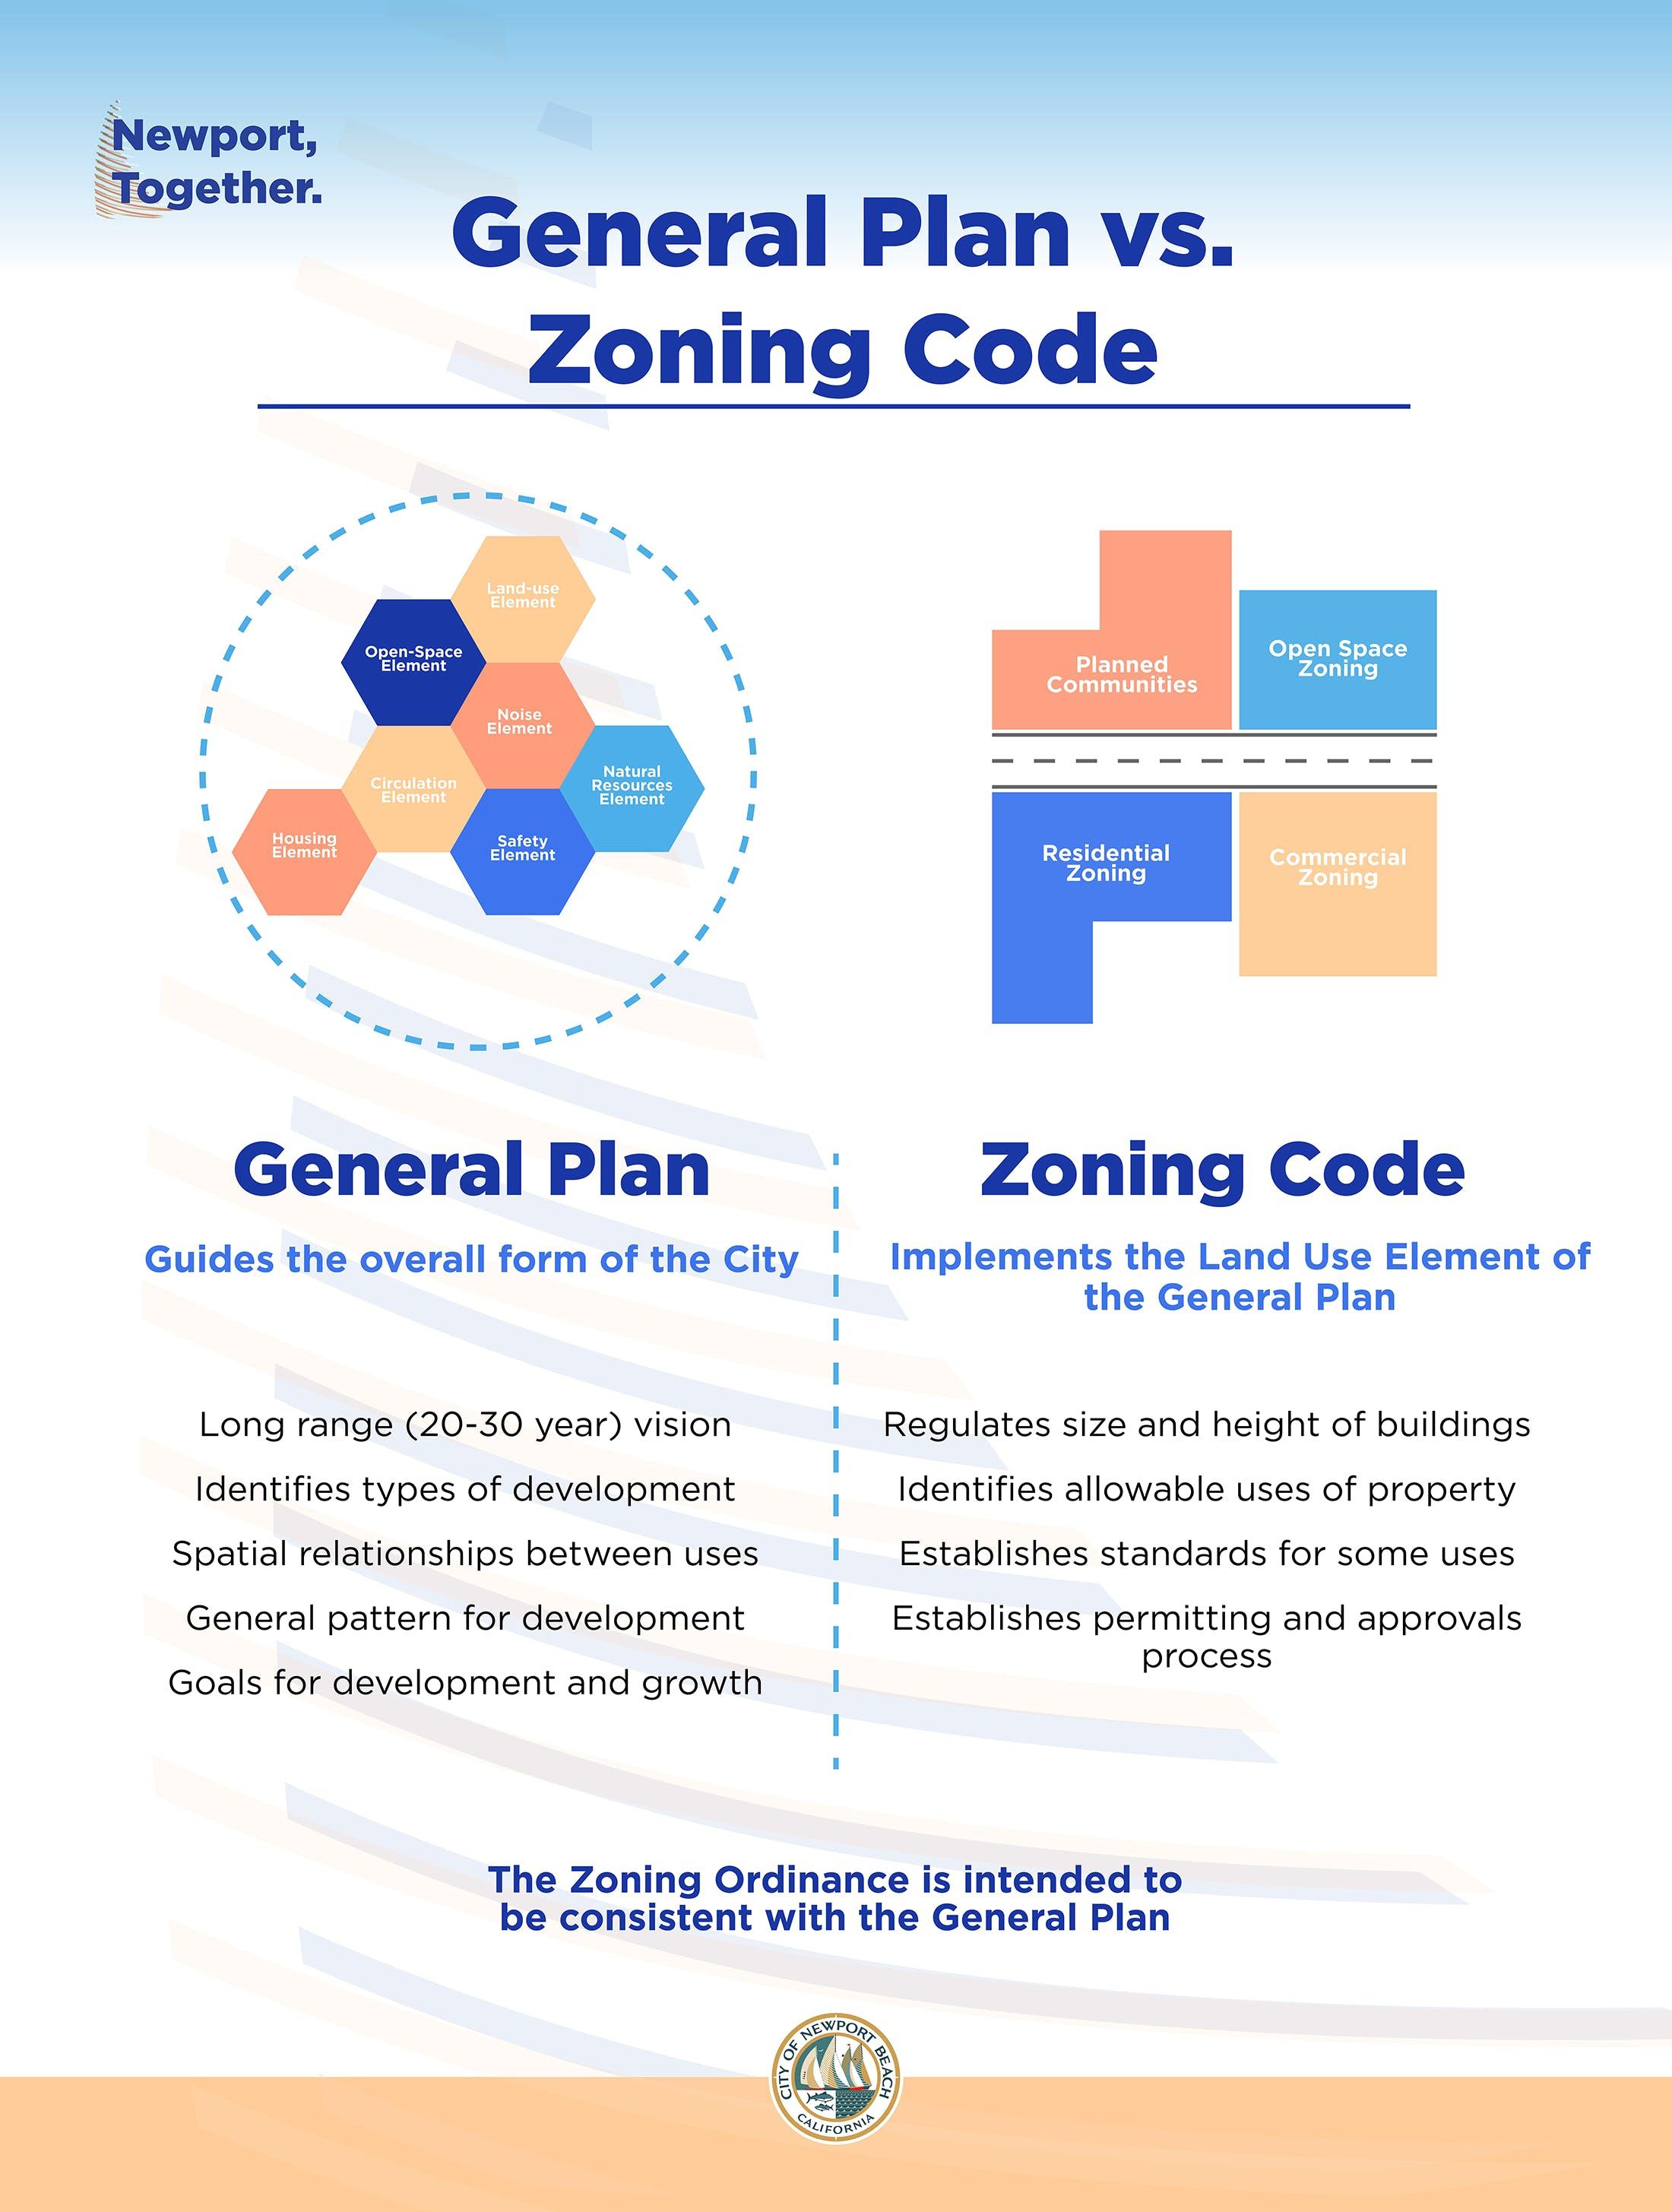 General Plan Vs. Zoning